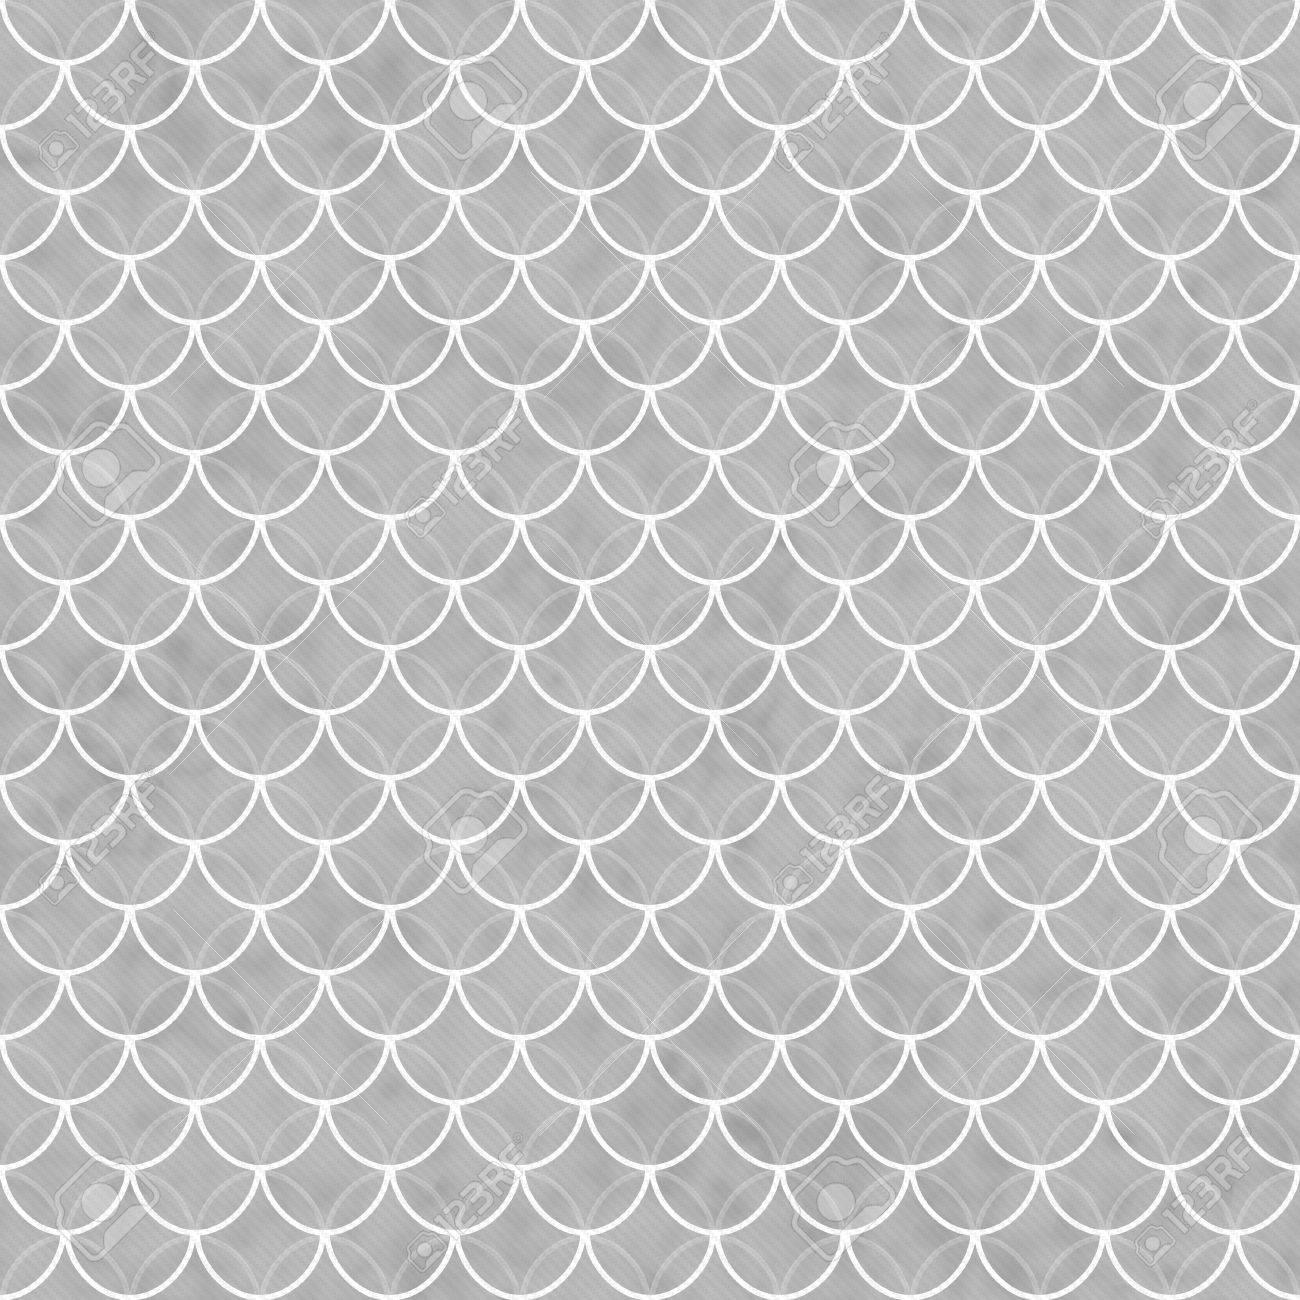 Graue Und Weiße Muscheln Mit Ineinander Greifenden Kreise Fliesen Muster  Wiederholen Hintergrund, Die Nahtlos Und